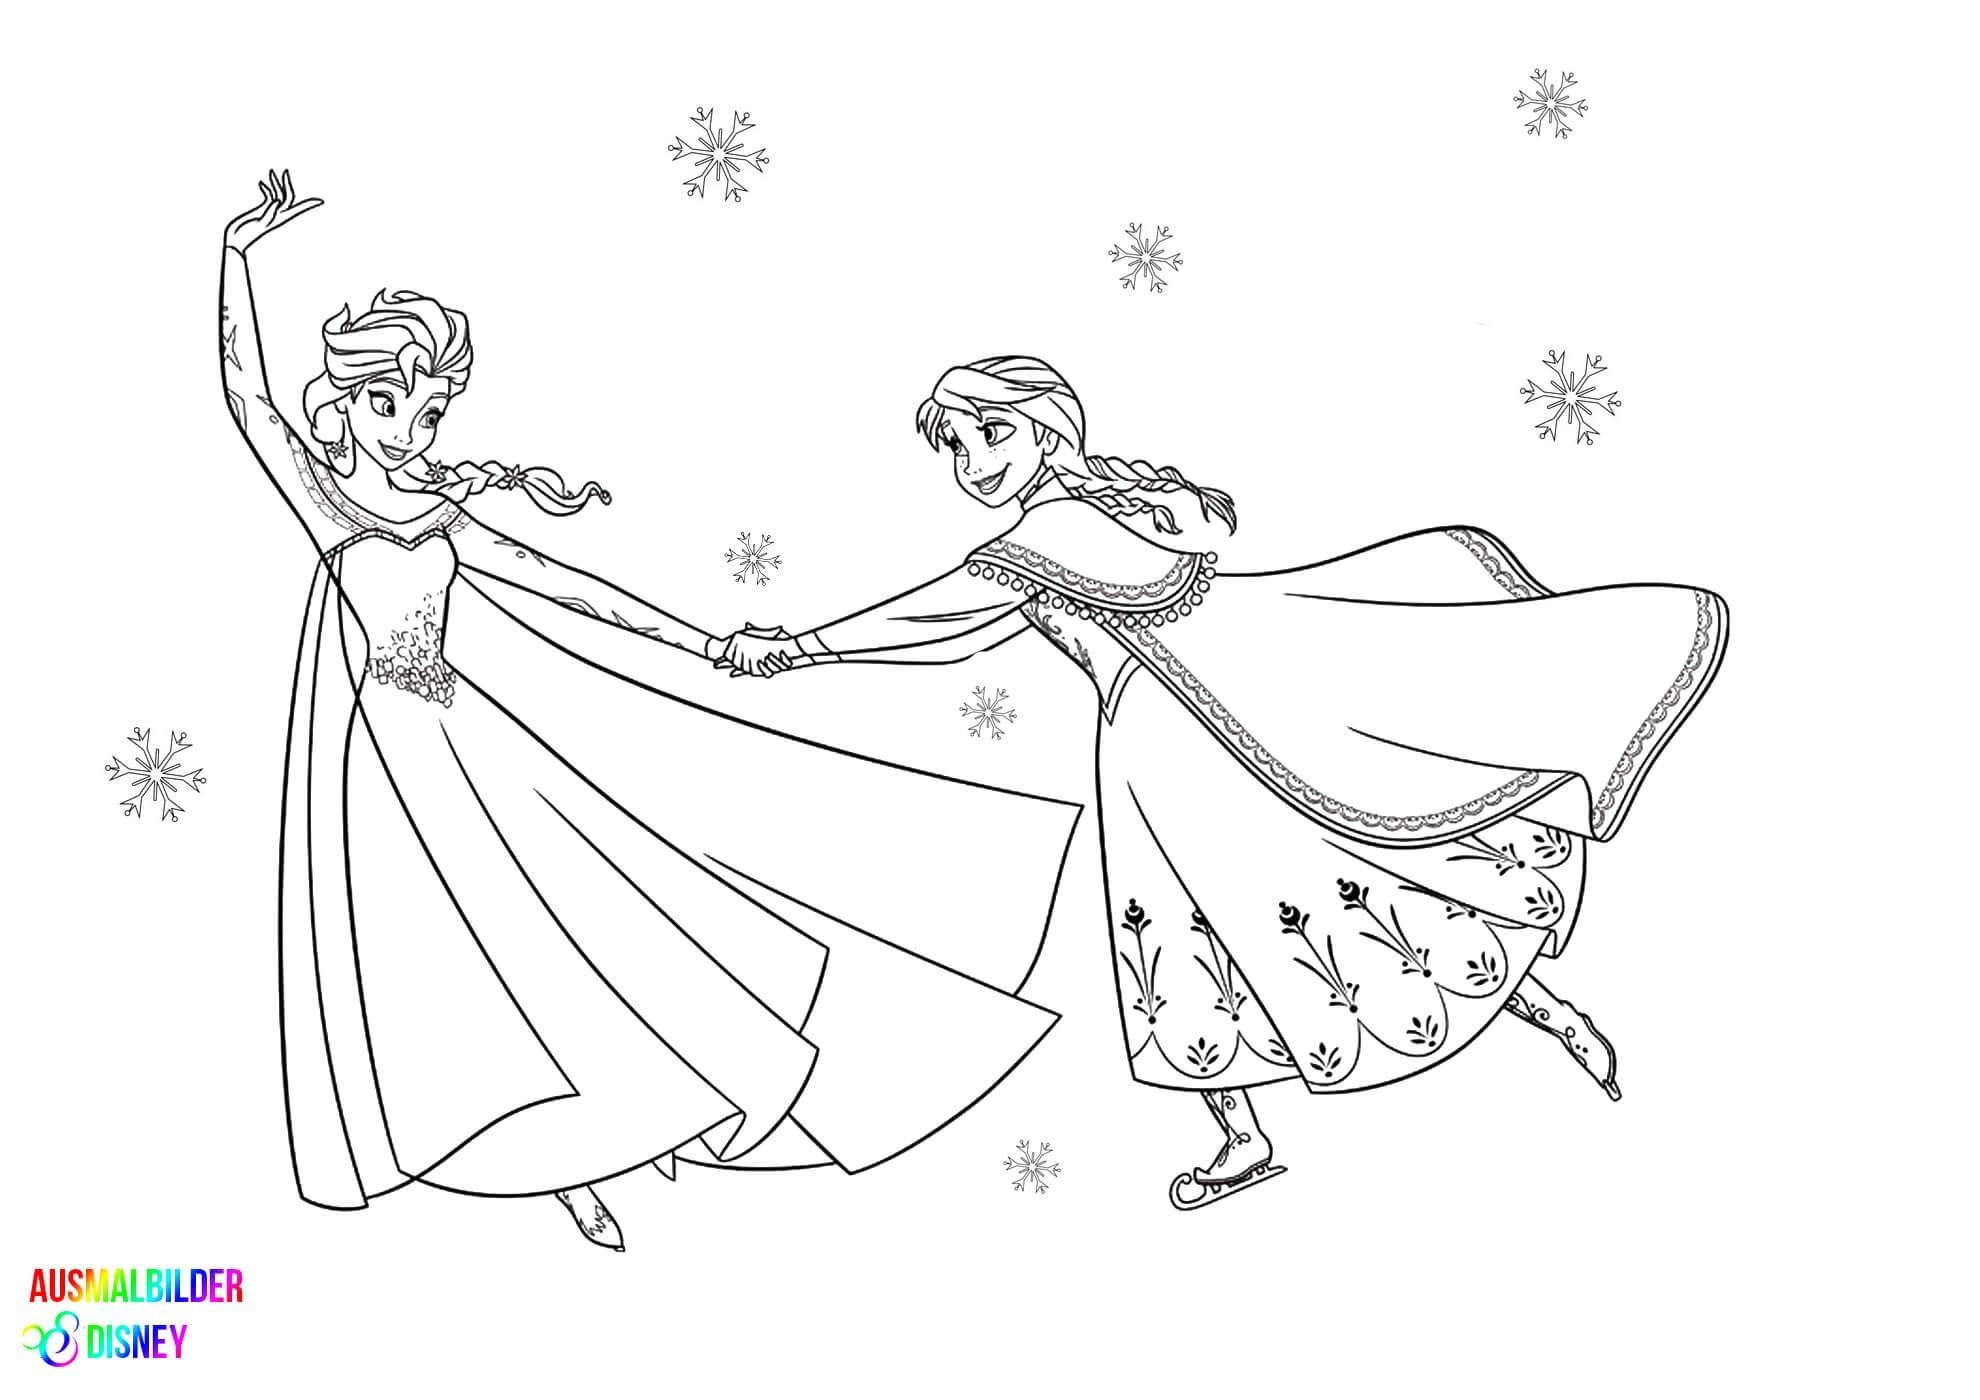 Anna Und Elsa Ausmalbilder Genial Ausmalbilder Anime Engel 288 Malvorlage Alle Ausmalbilder Kostenlos Stock